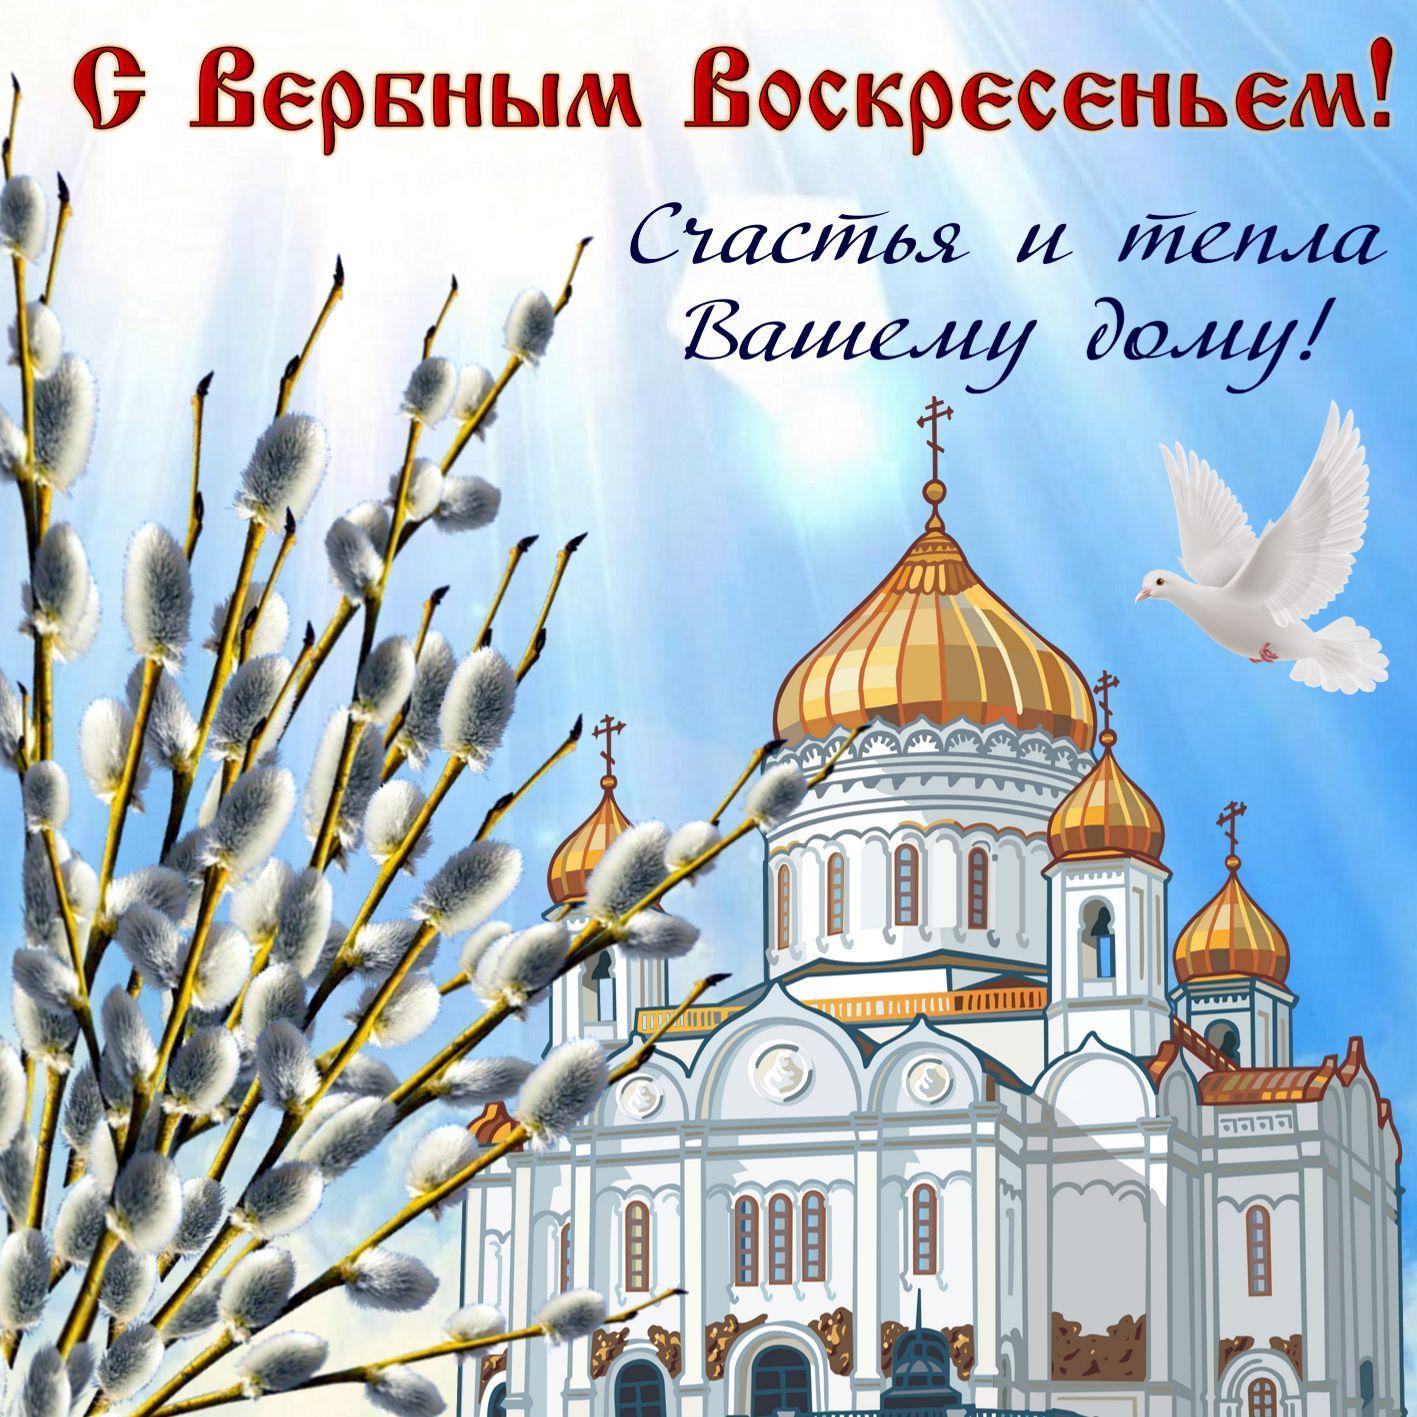 Фото Вербное воскресенье 25 апреля: красивые открытки и душевные поздравления 6